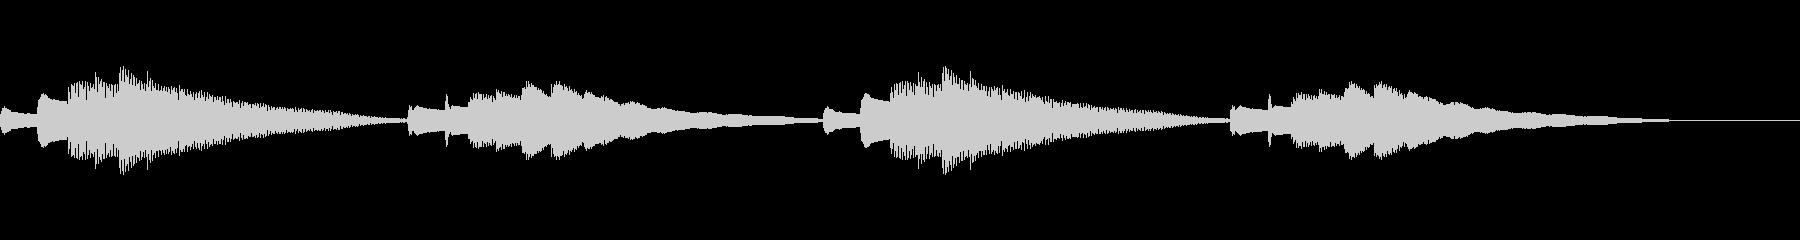 チェレスタの凶なテーマの未再生の波形